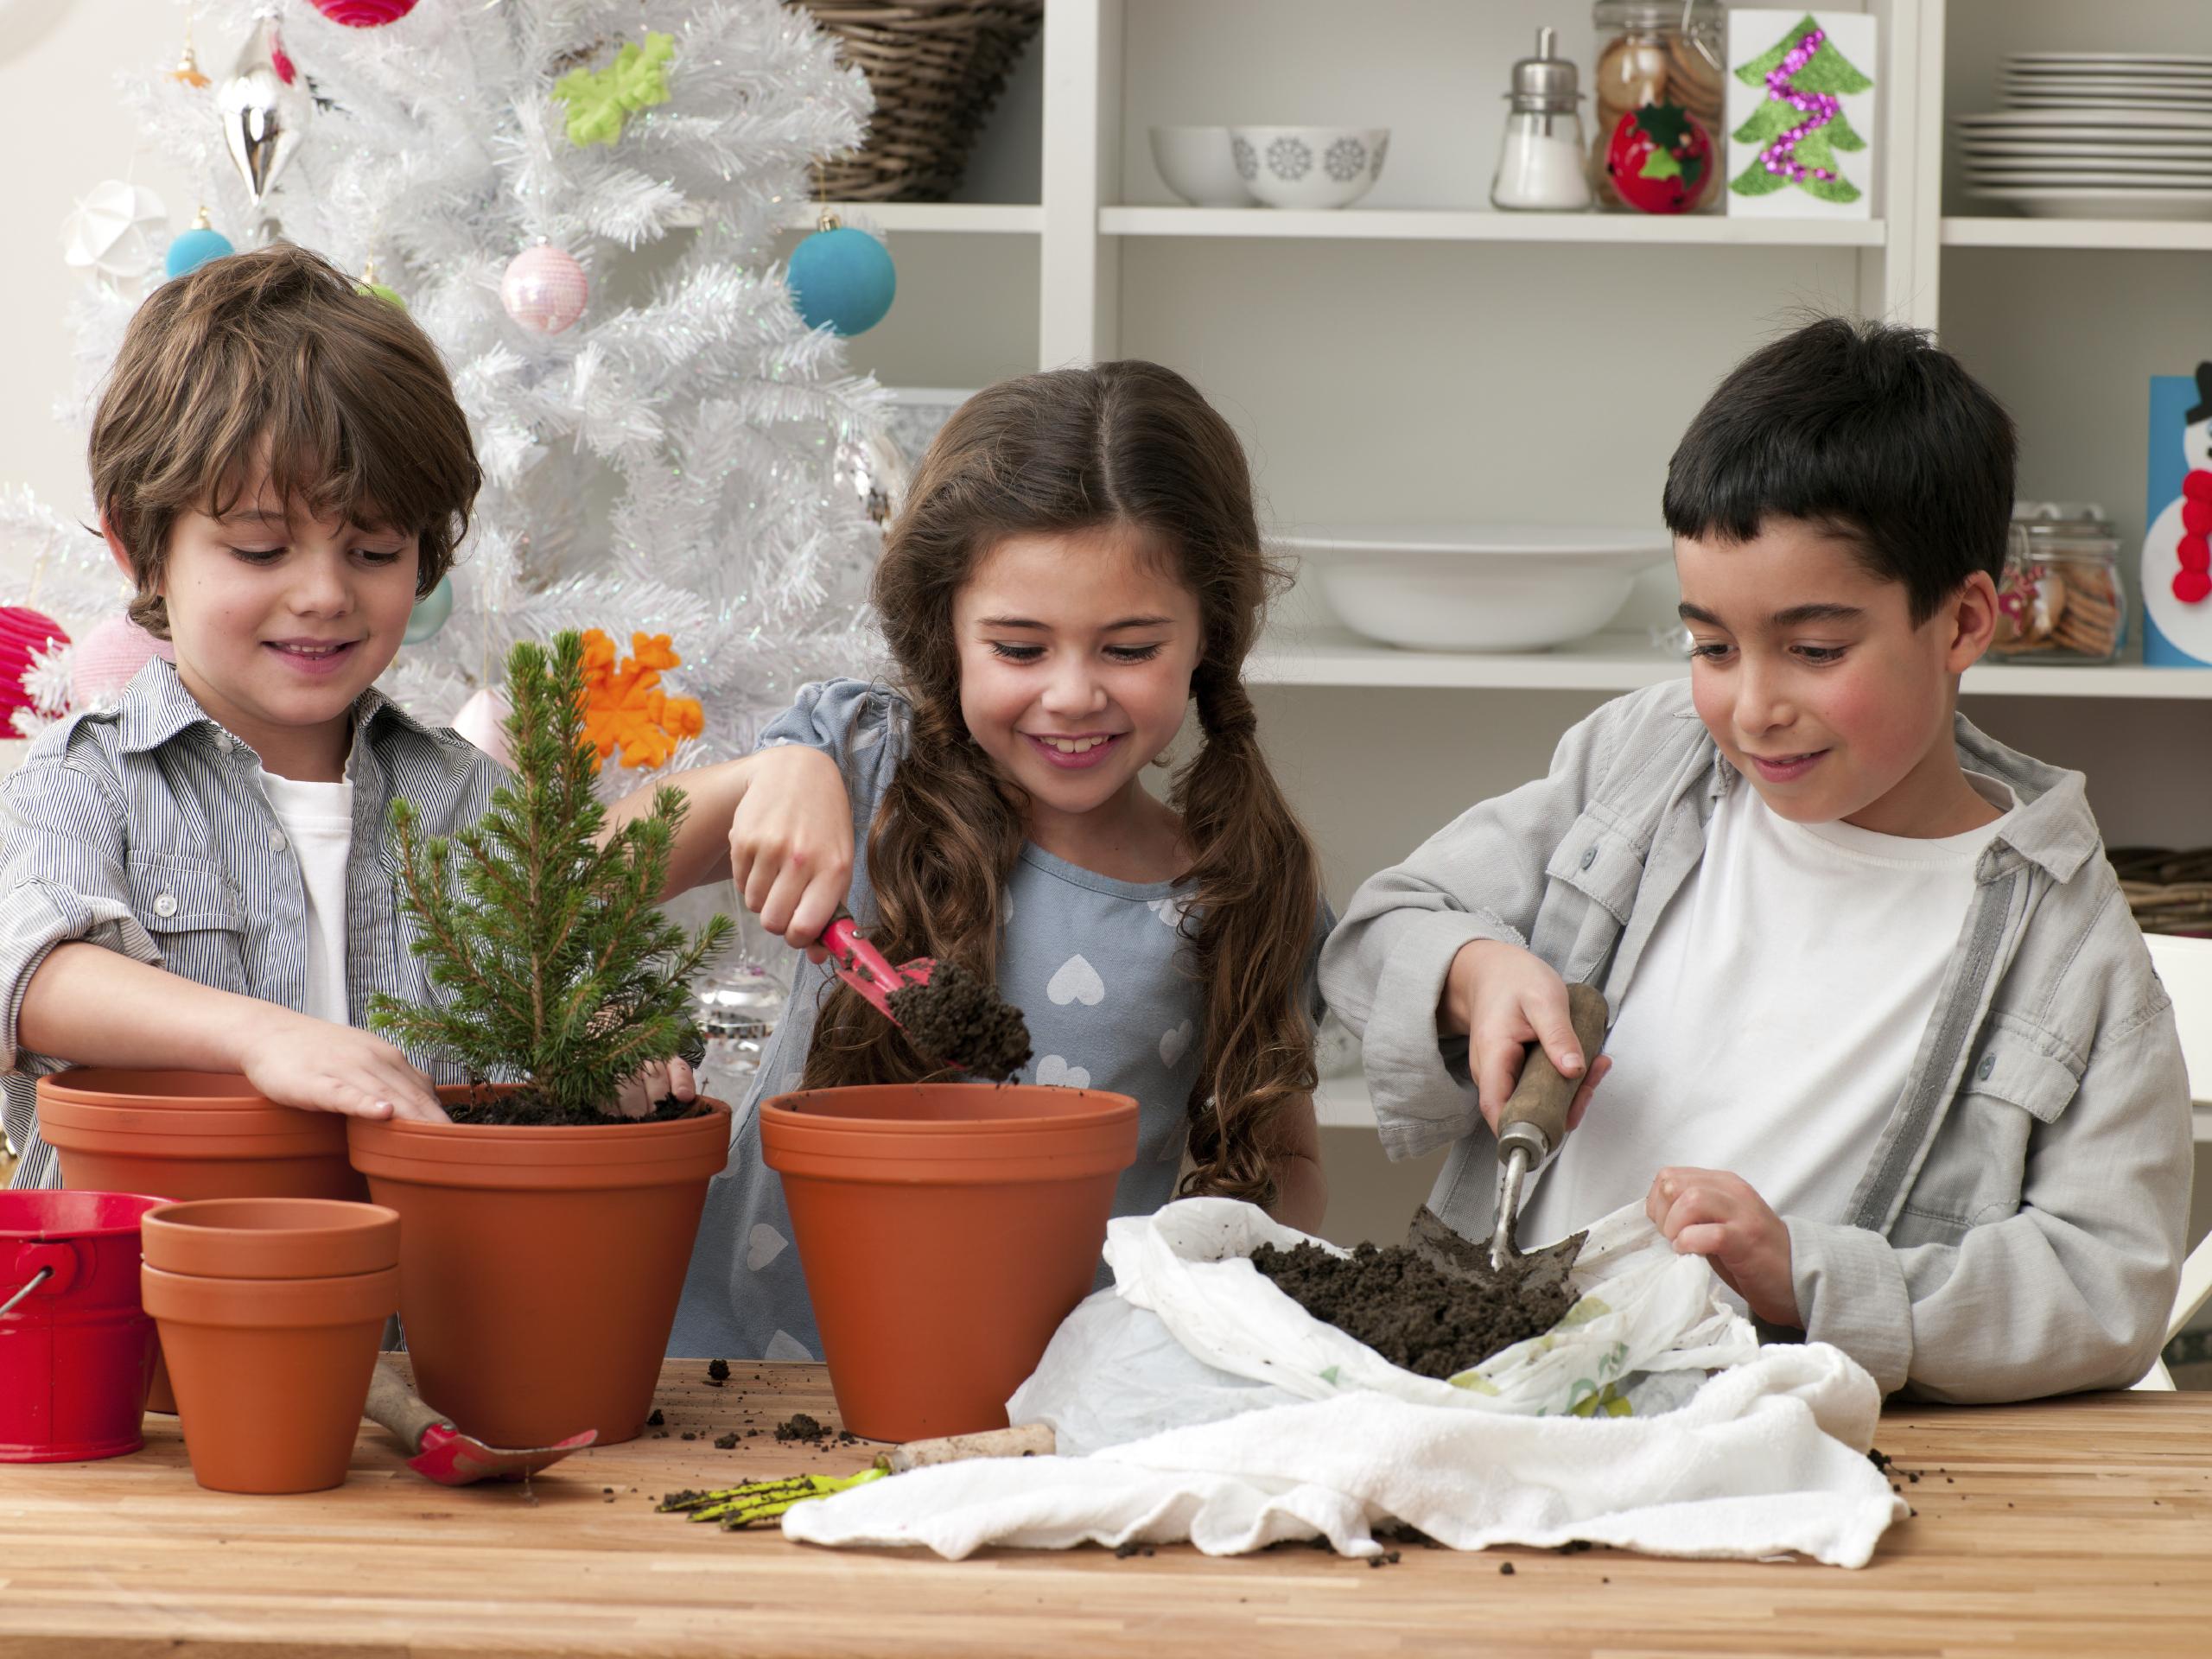 Les enfants jardinent.